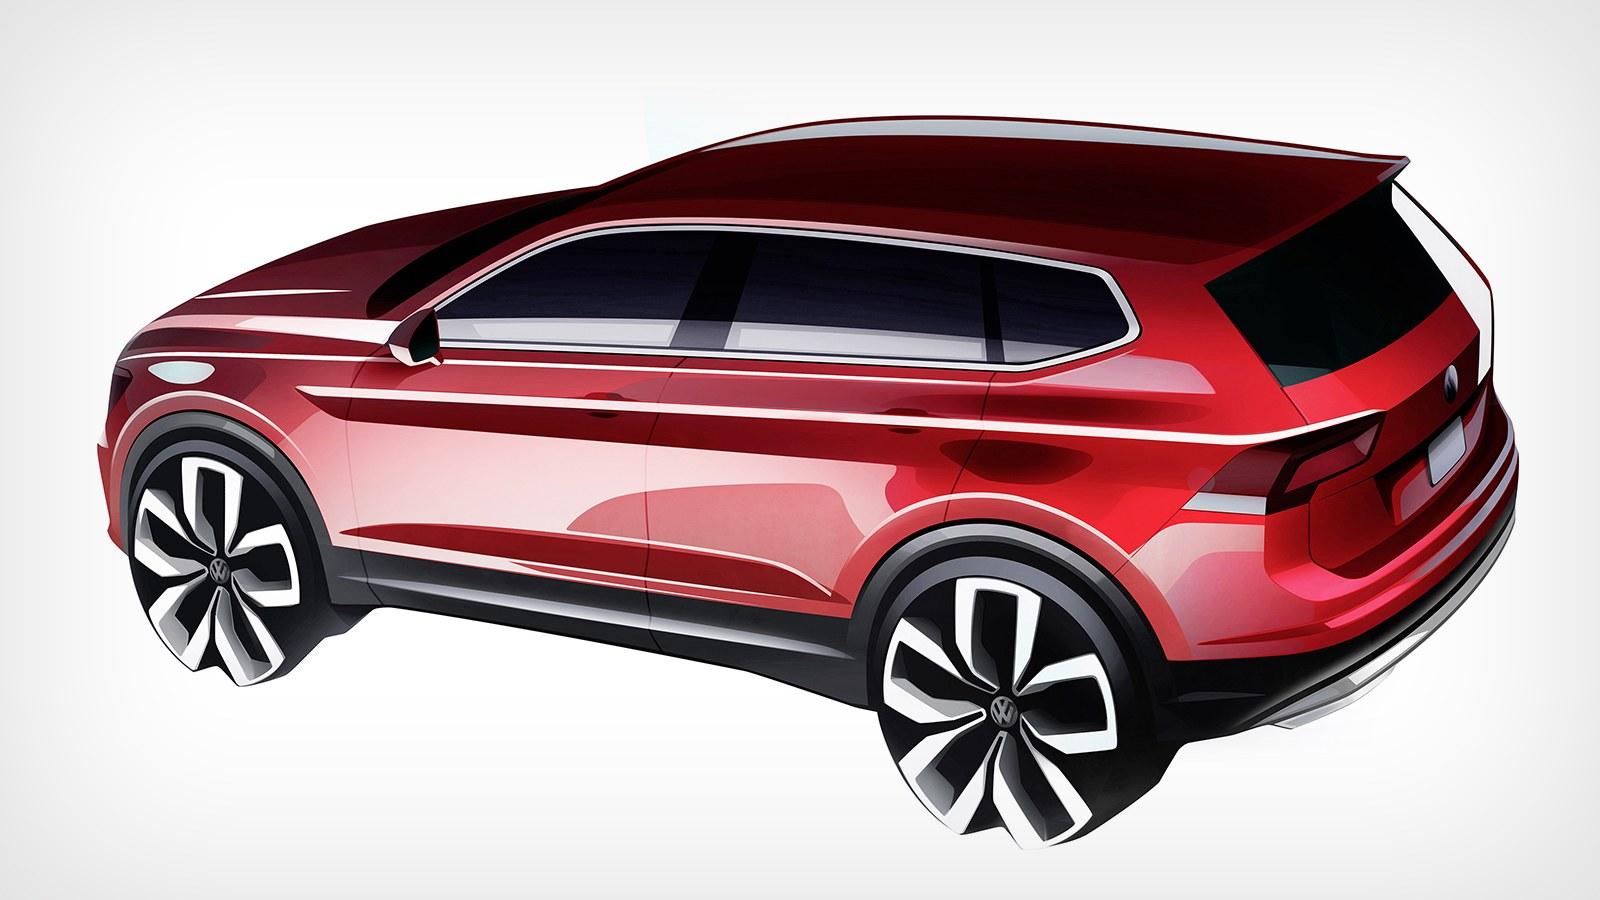 VW продемонстрировал тизеры европейской длинной версии модели Tiguan